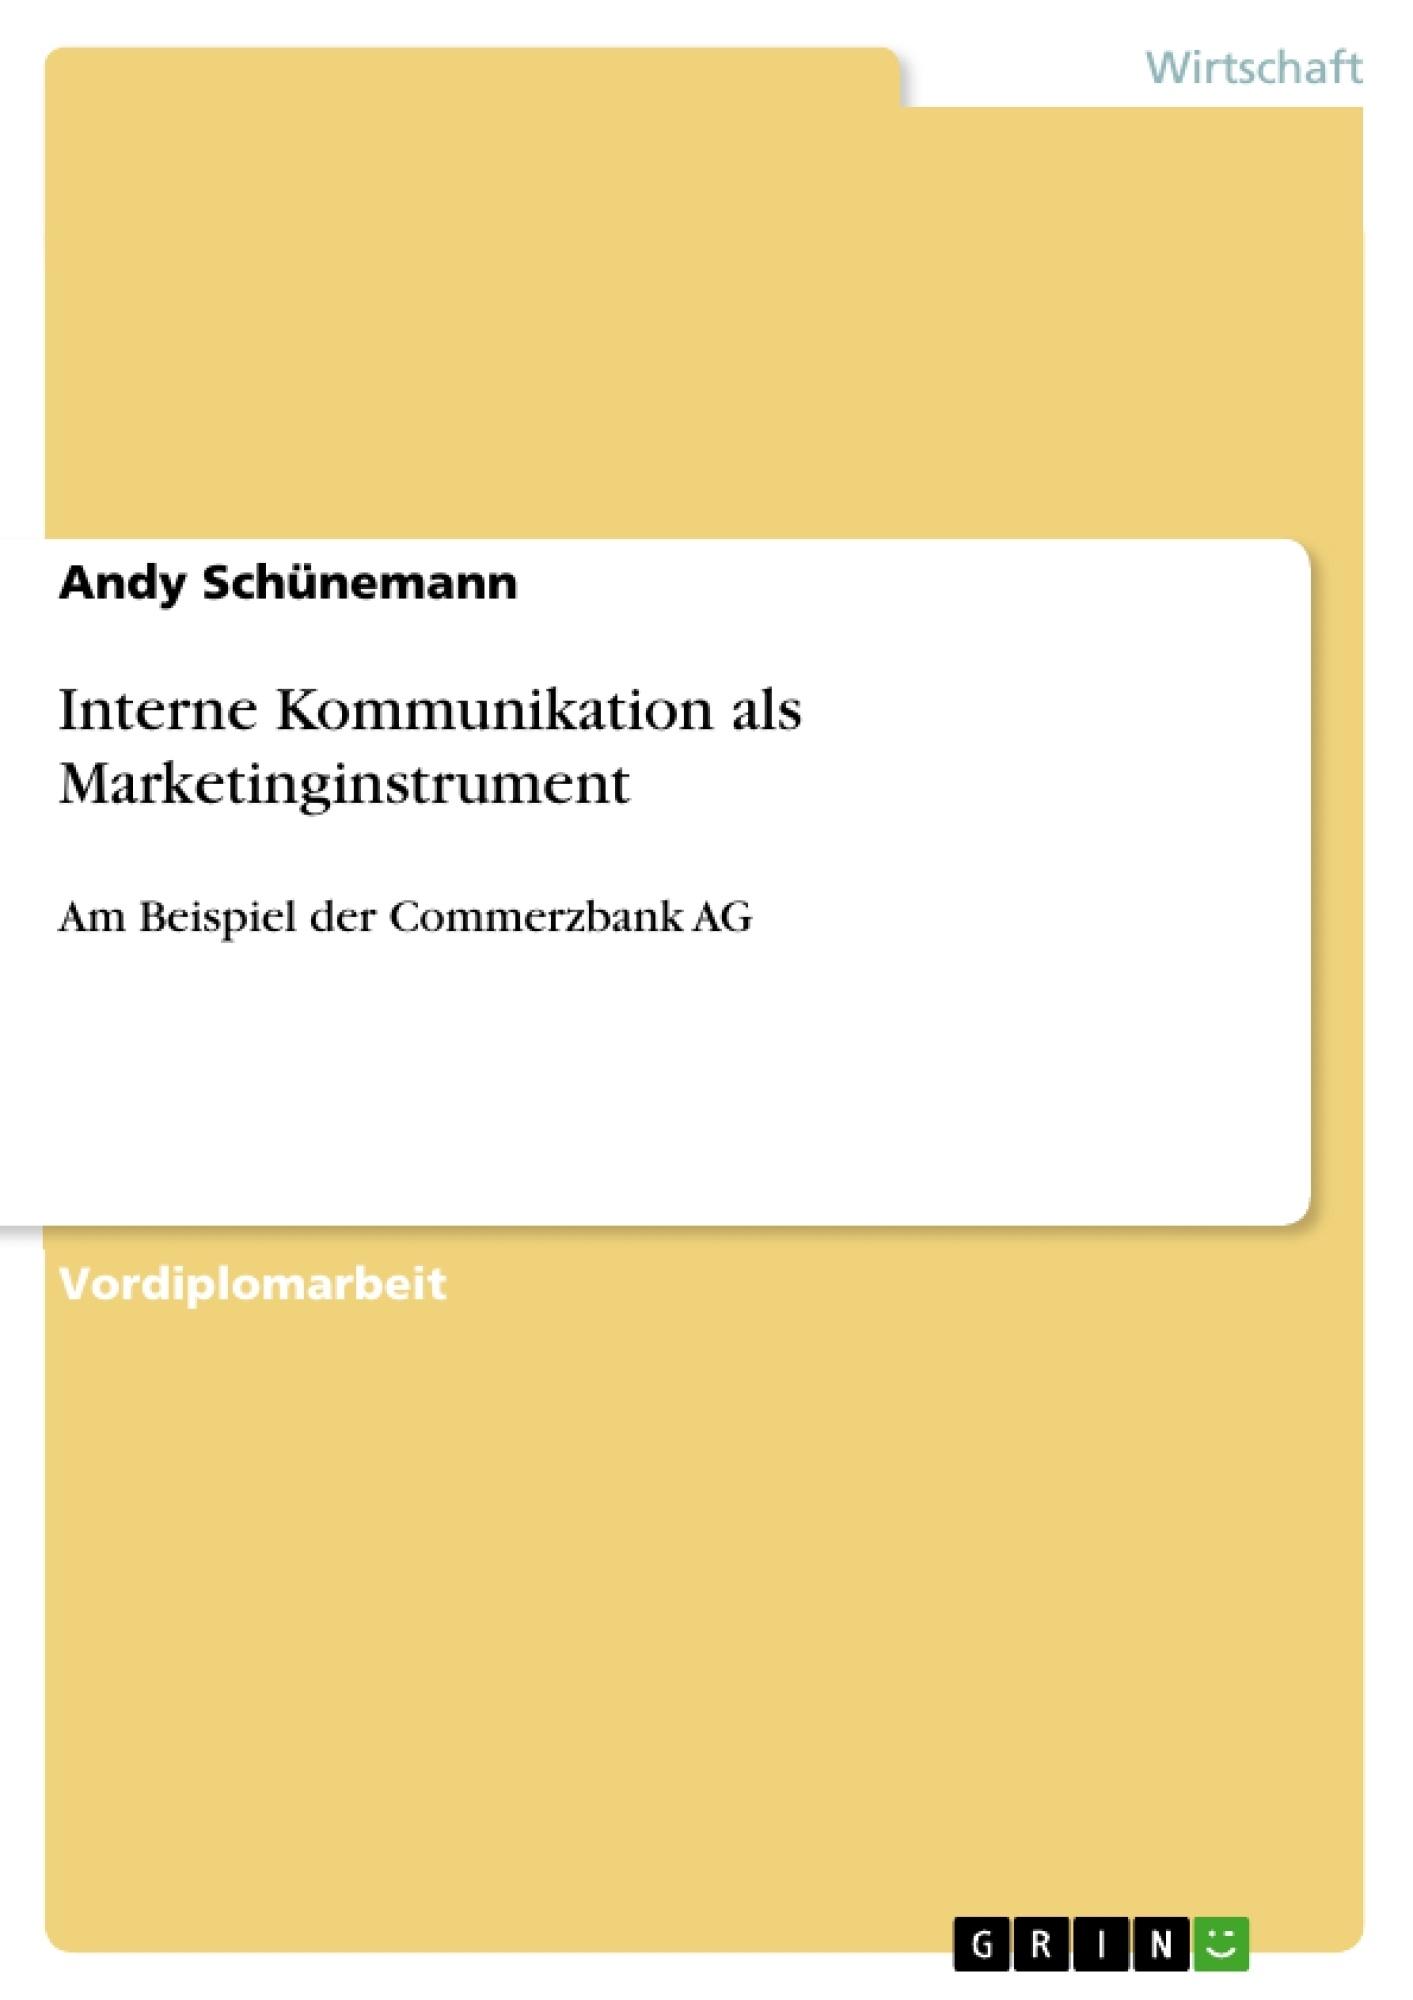 Titel: Interne Kommunikation als Marketinginstrument